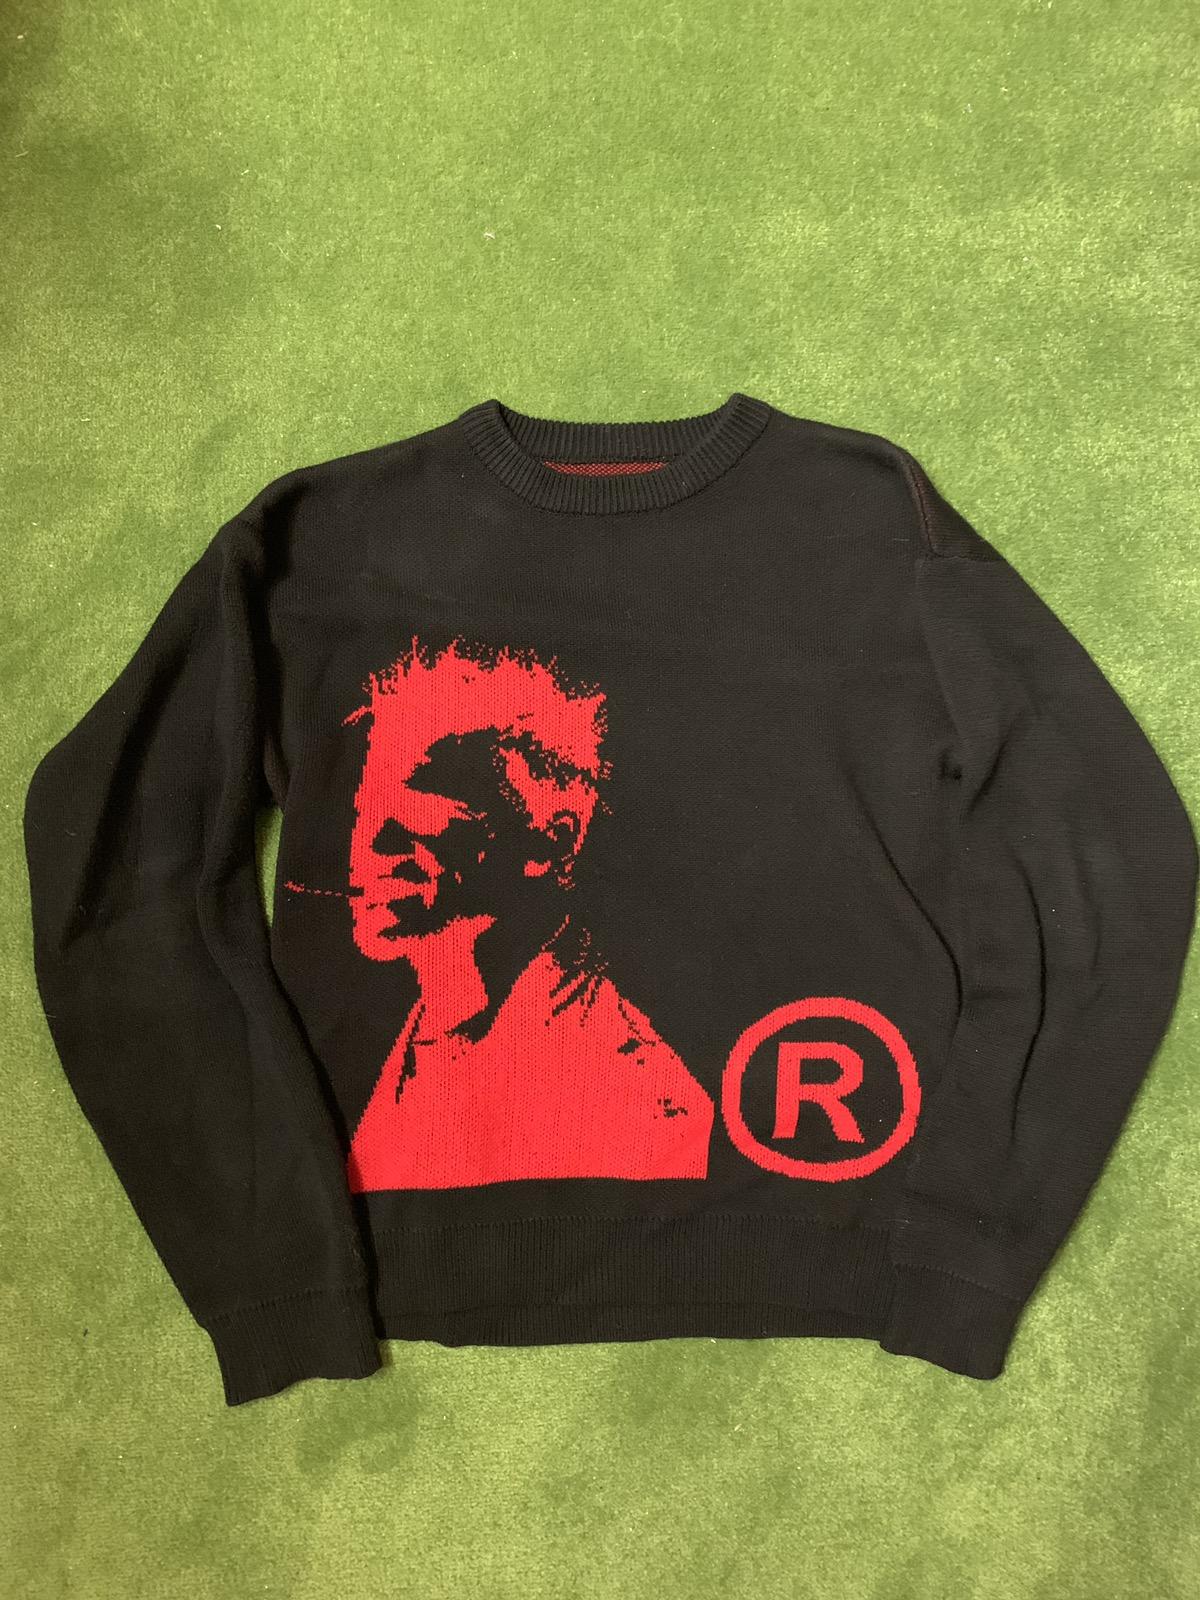 Vizn Brad Pitt Knitted Sweater